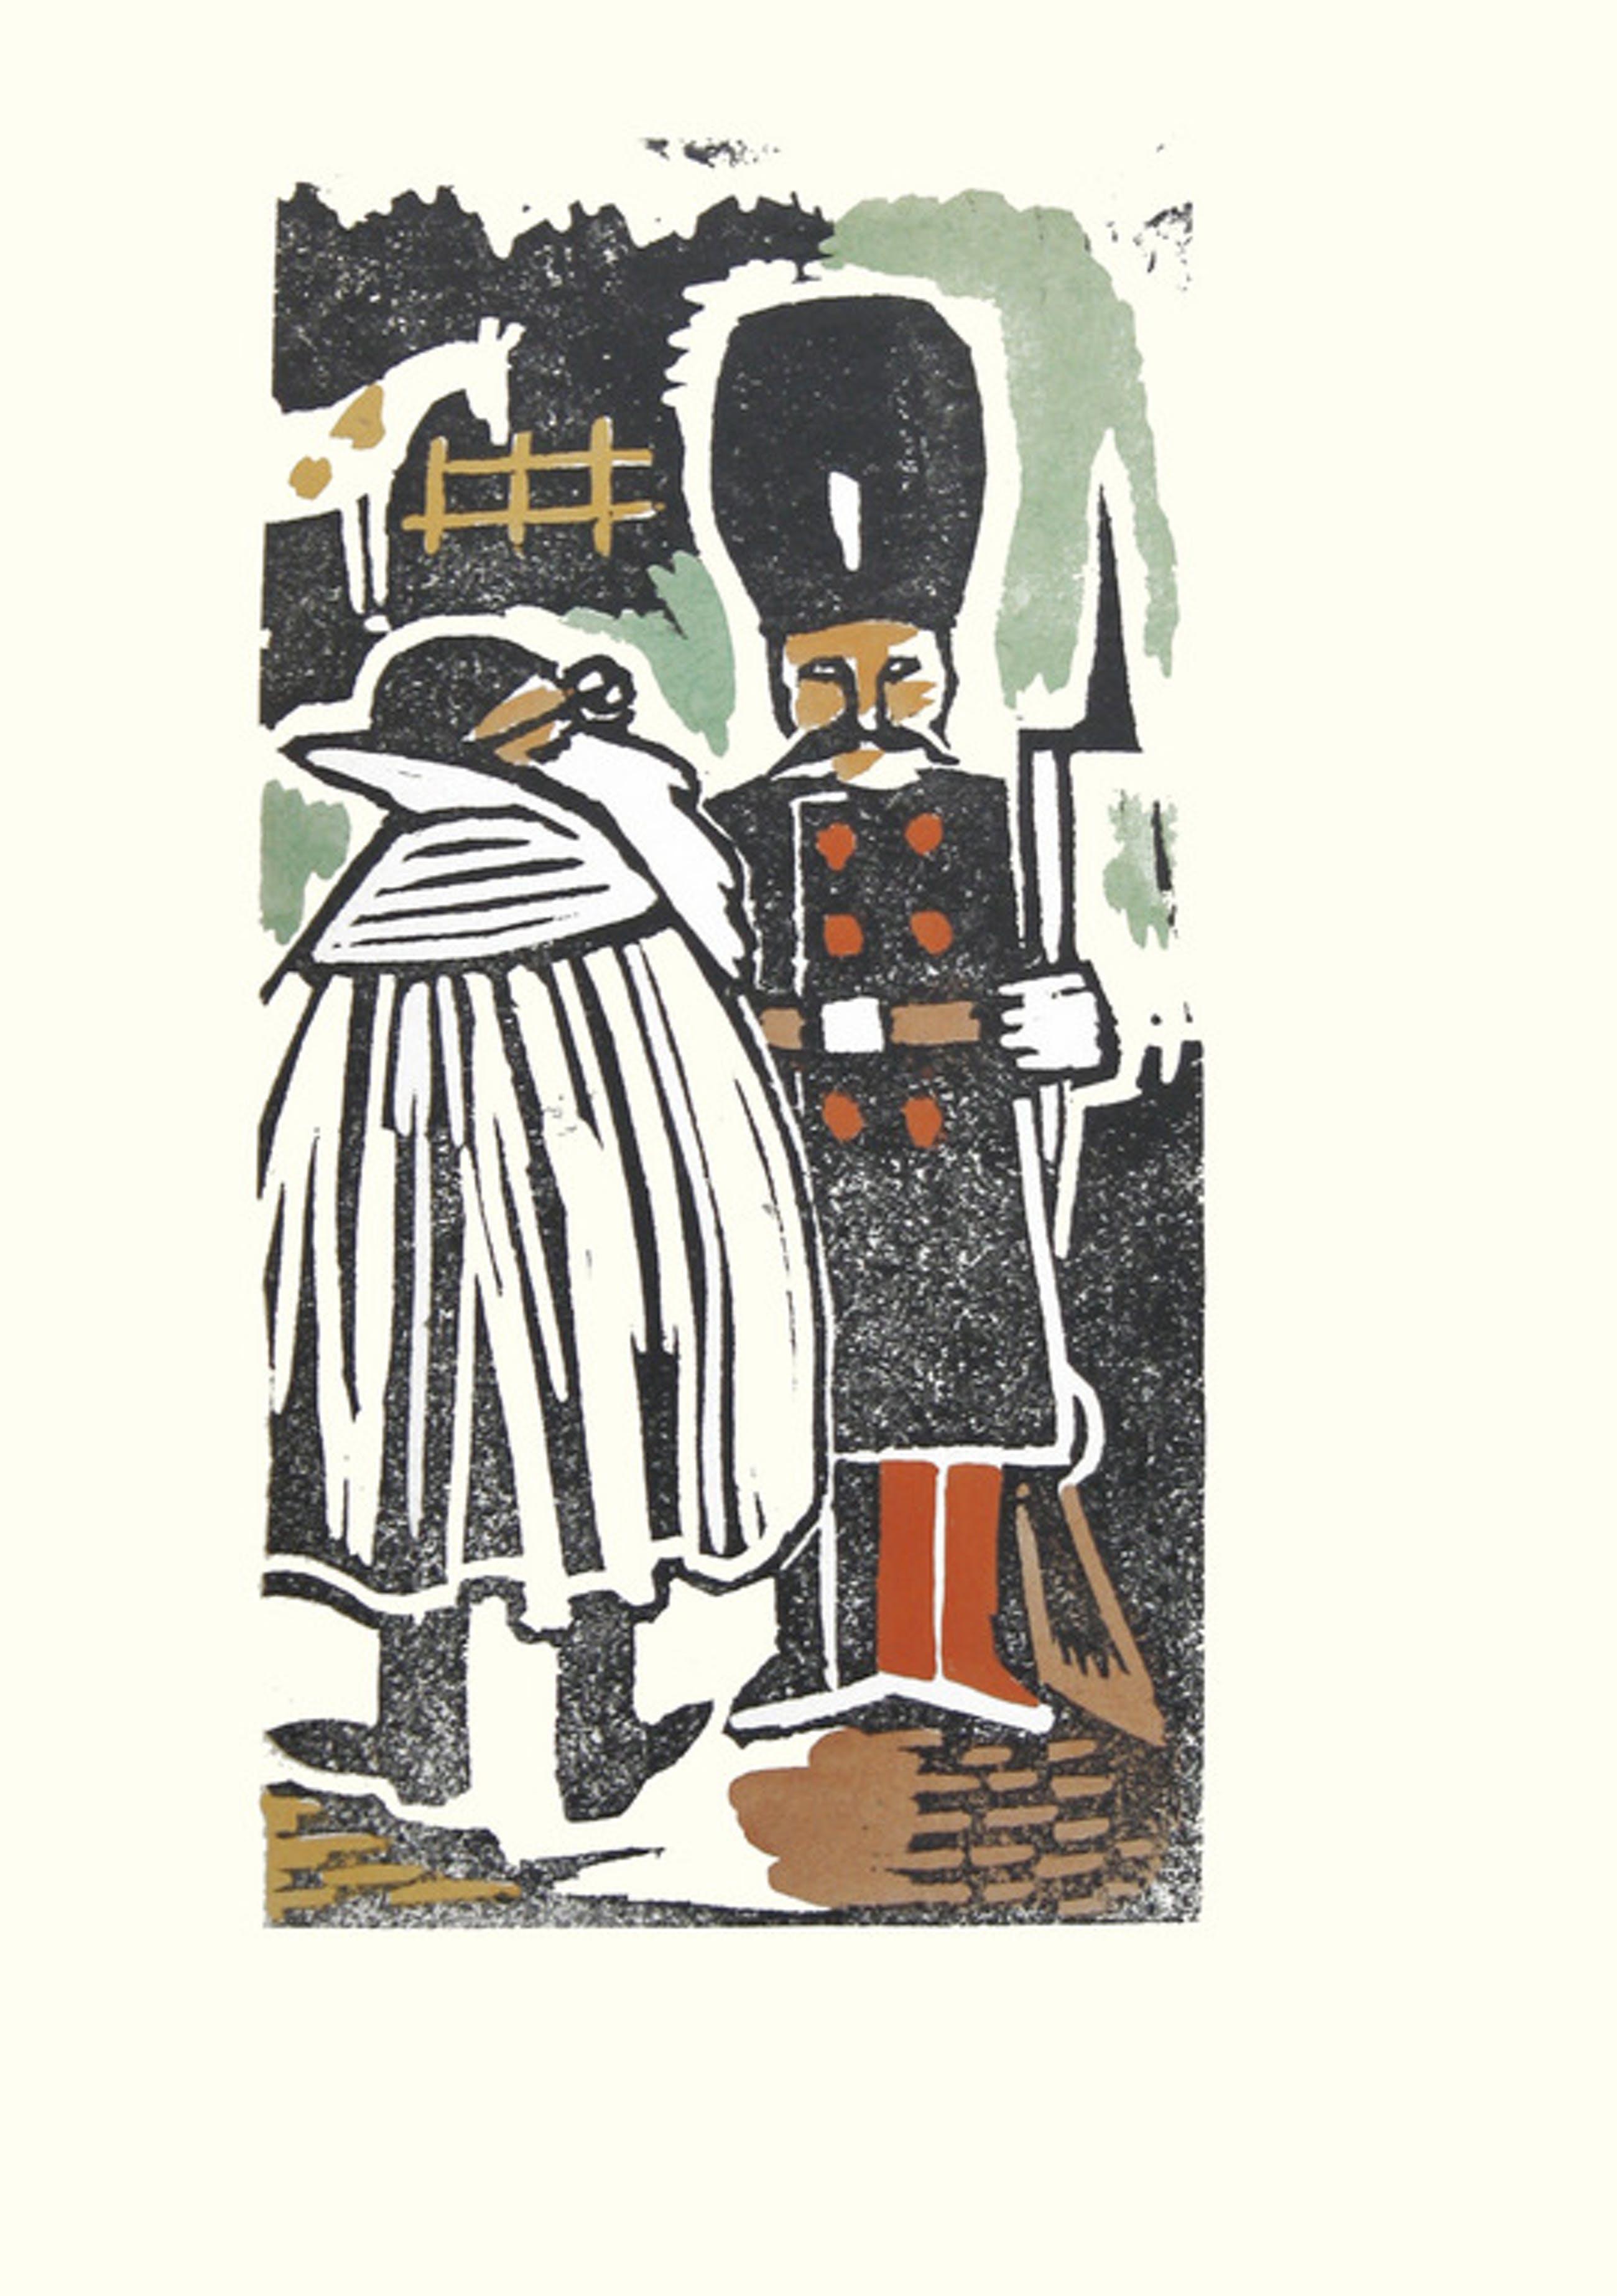 Joop Löbler - Linosnede op rijstpapier uit 1943, door de kunstenaar ingekleurd kopen? Bied vanaf 13!